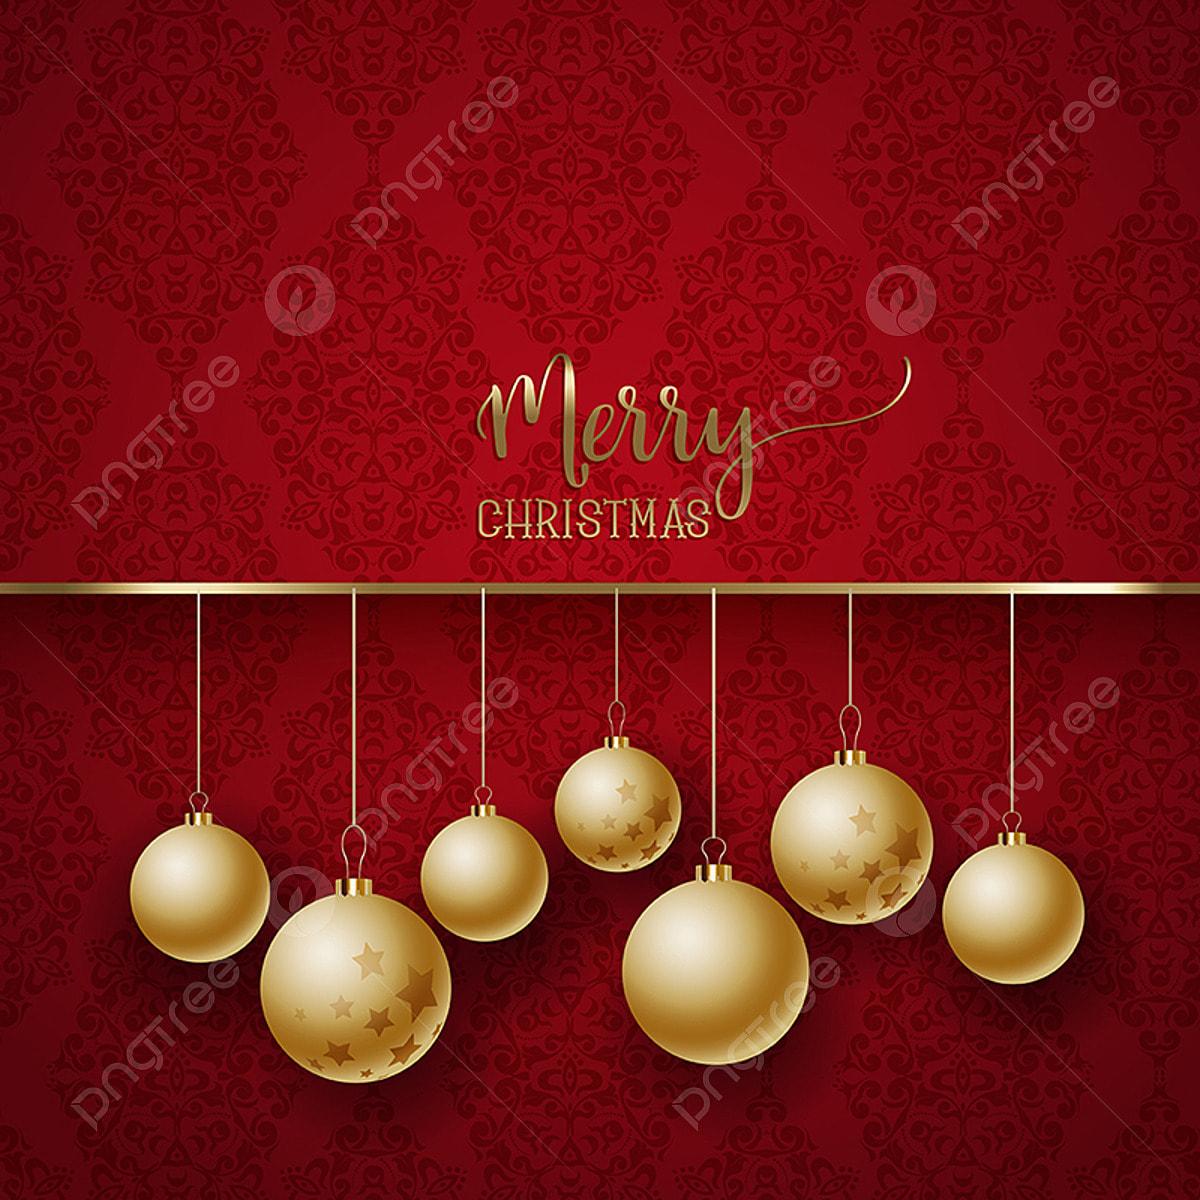 Elegant Christmas Background Images.Elegant Christmas Background 0911 Snowflake Snowy Bauble